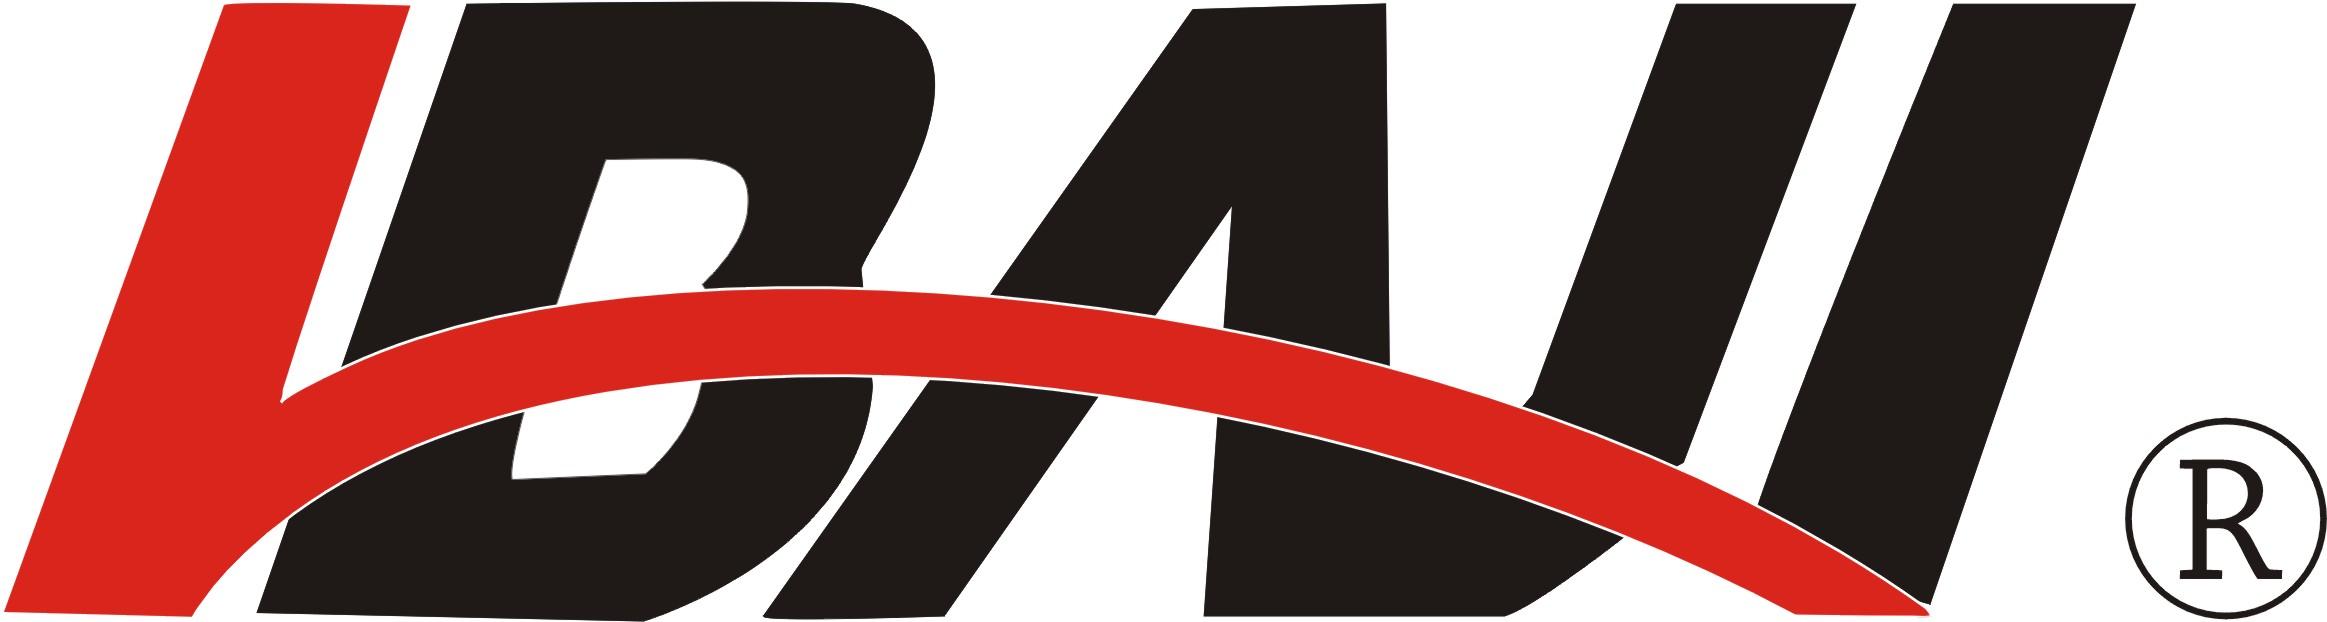 logo 标识 标志 设计 矢量 矢量图 素材 图标 2327_622